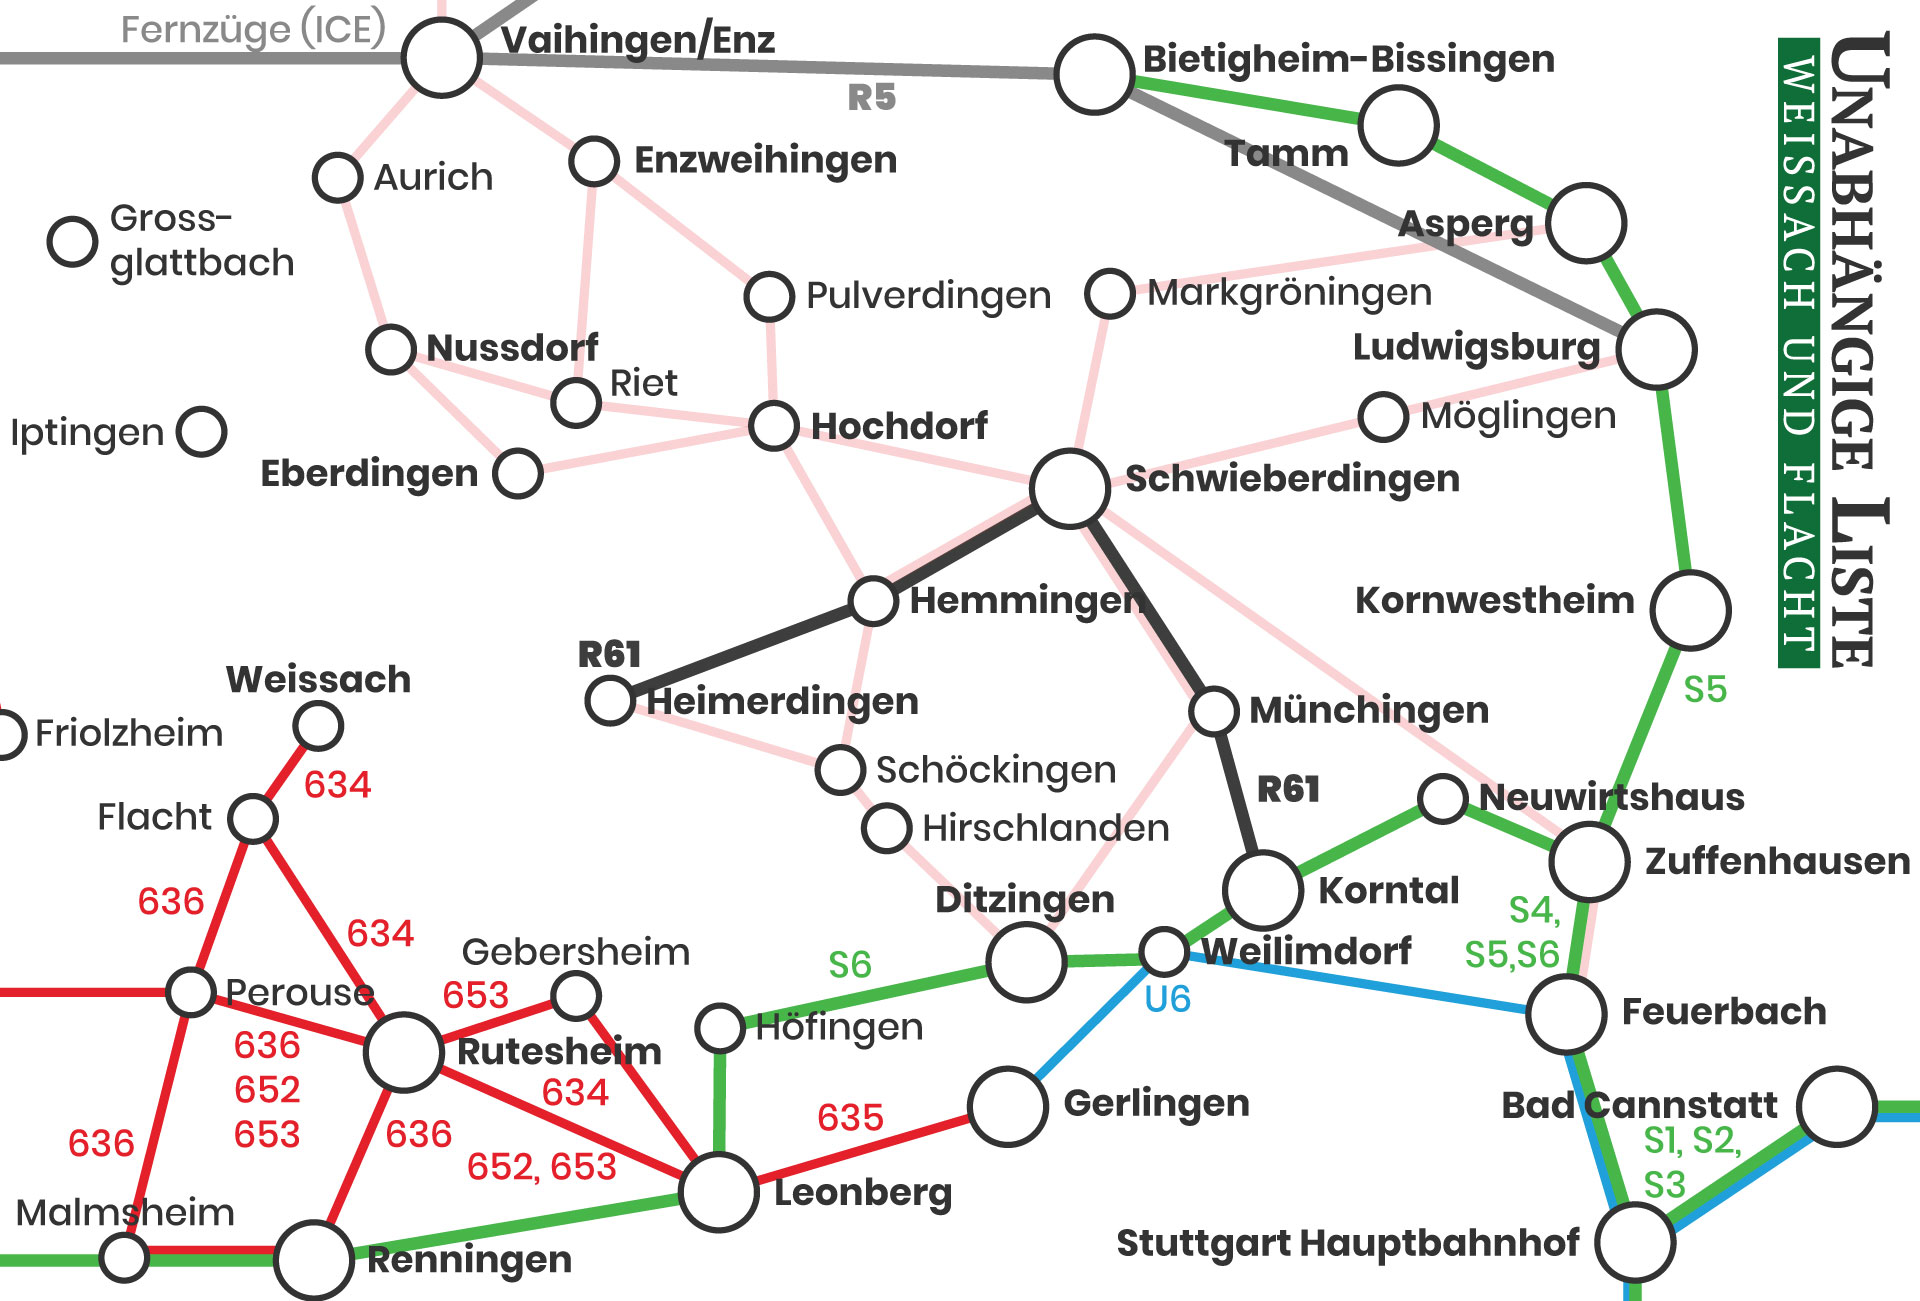 ÖPNV-Netz um Weissach ohne Strohgäubahn